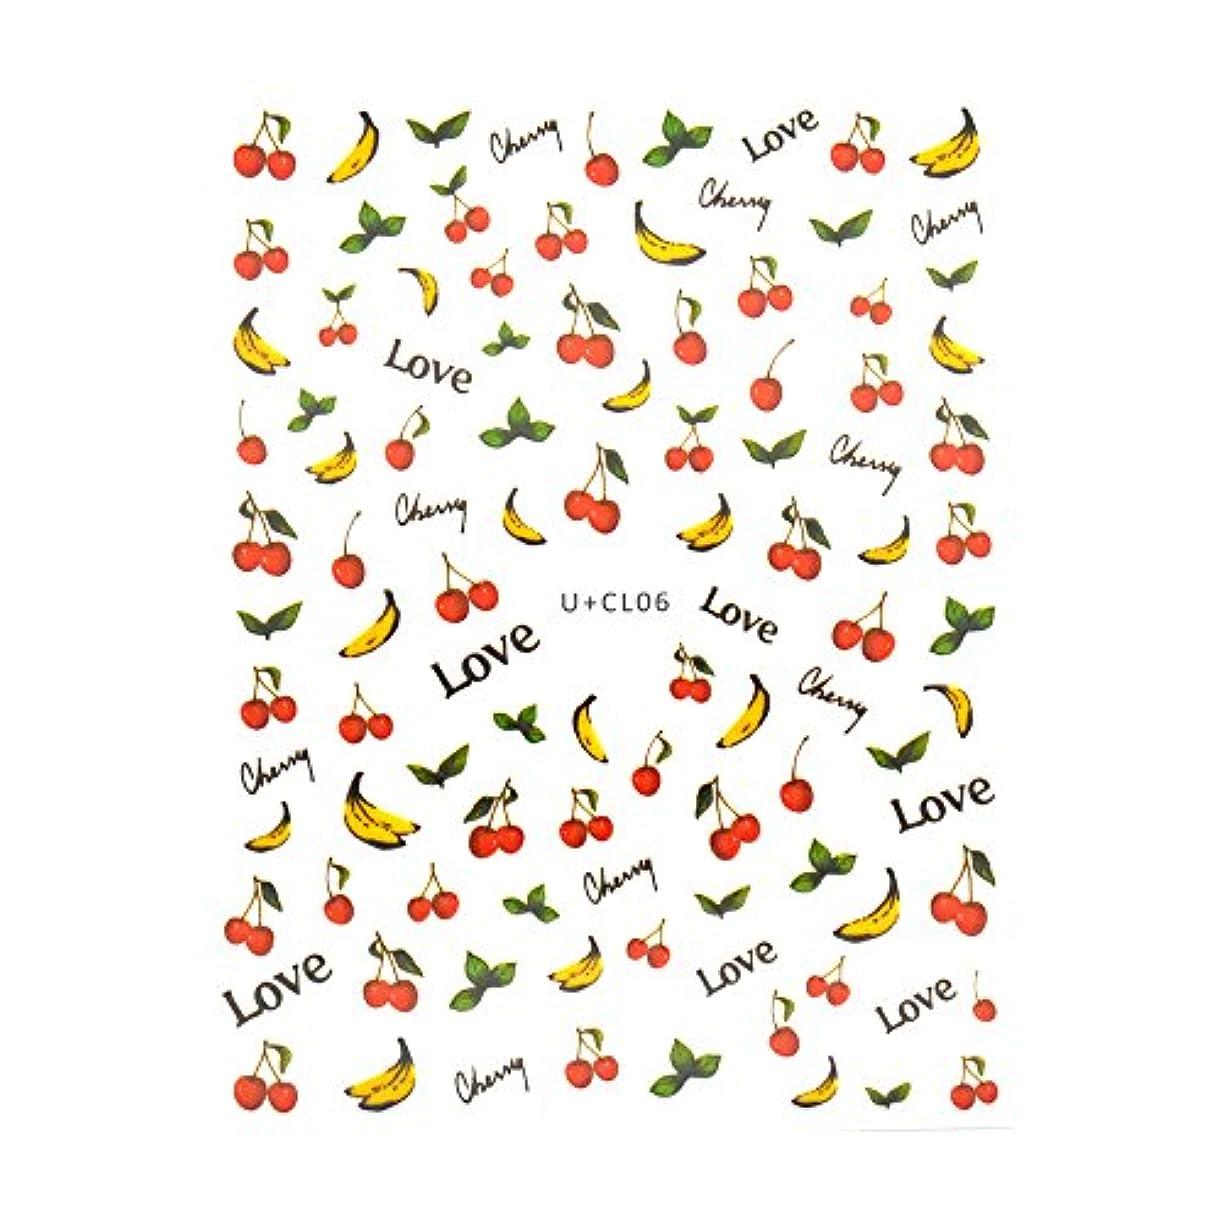 ゼロ伸ばすもっともらしい【U+CL06】 チェリーバナナネイルシール フルーツ さくらんぼ